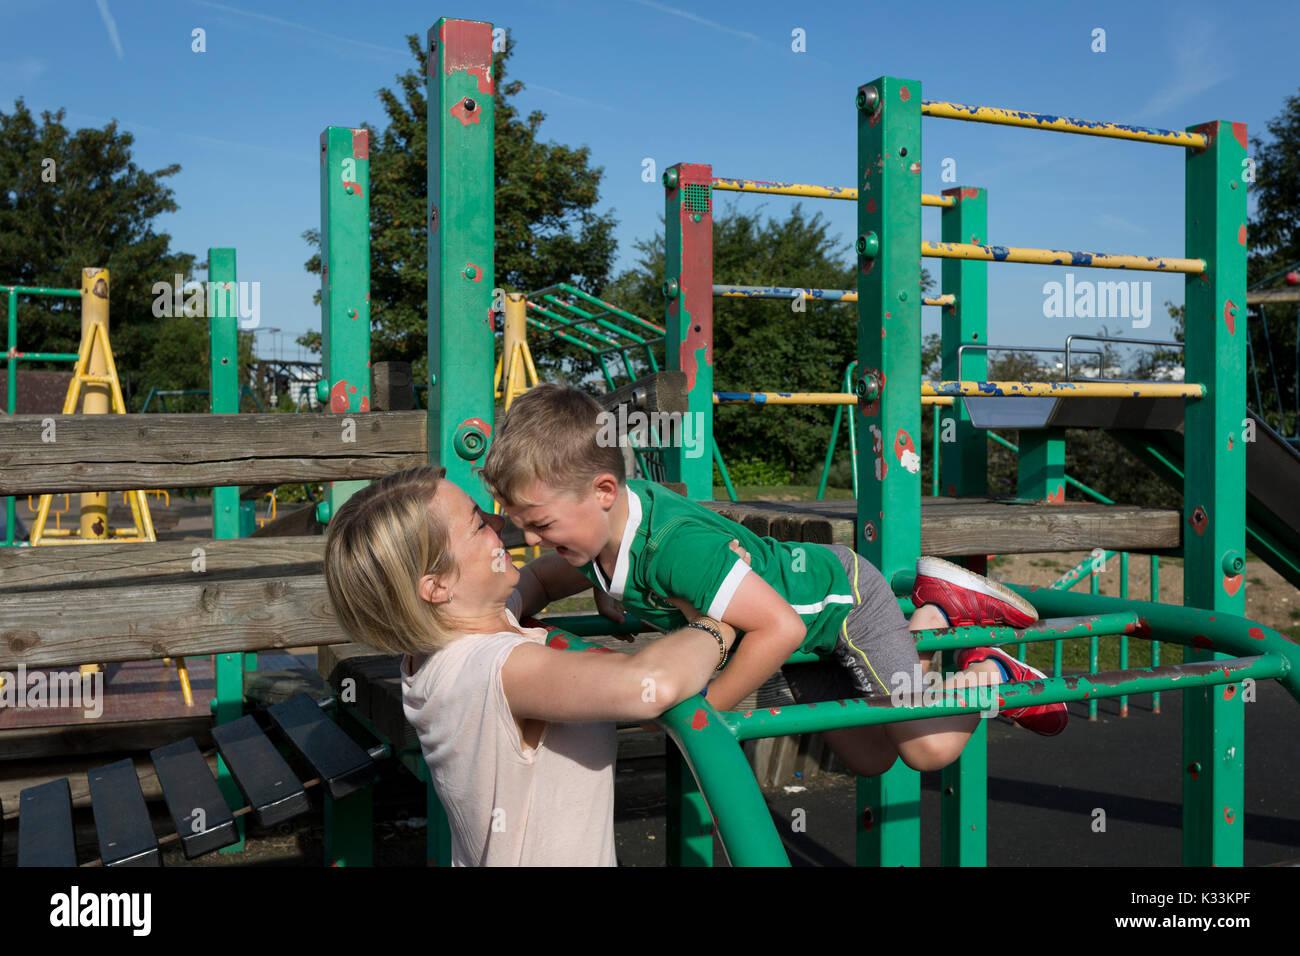 Kind Vom Klettergerüst Gefallen : Ruskin park lambeth stockfotos & bilder alamy